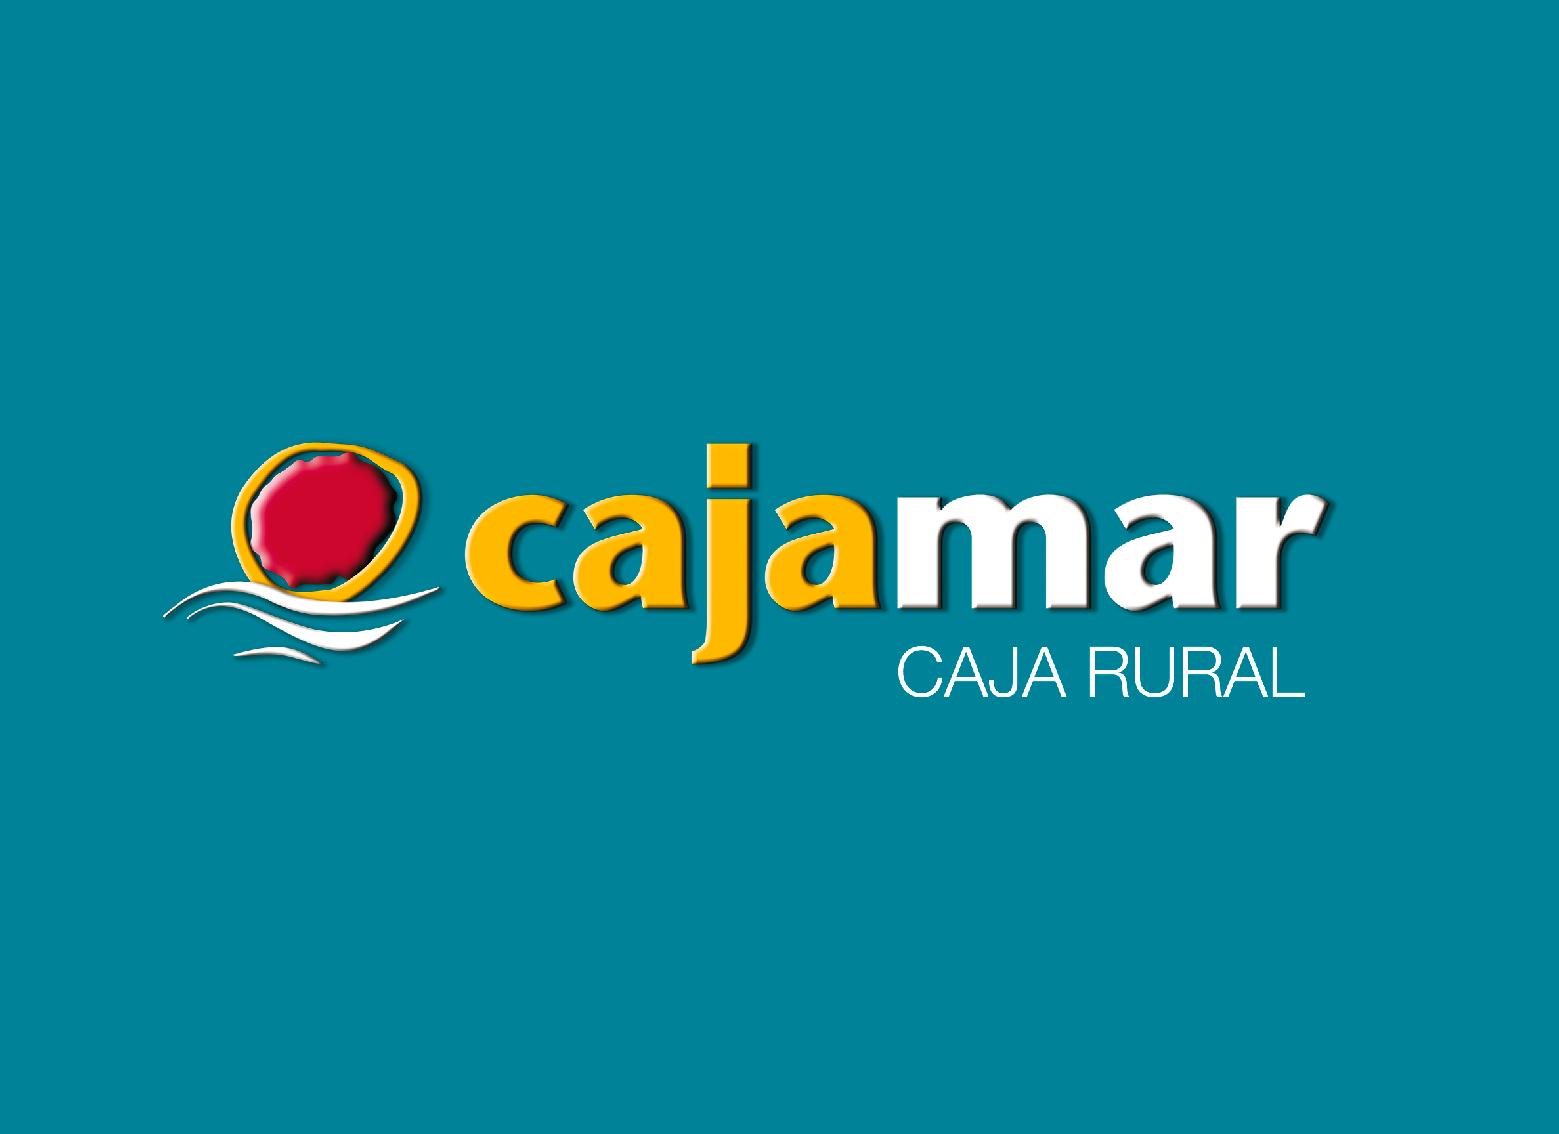 Cajamar caja rural puerto de la cruz for Telefono oficina bankia